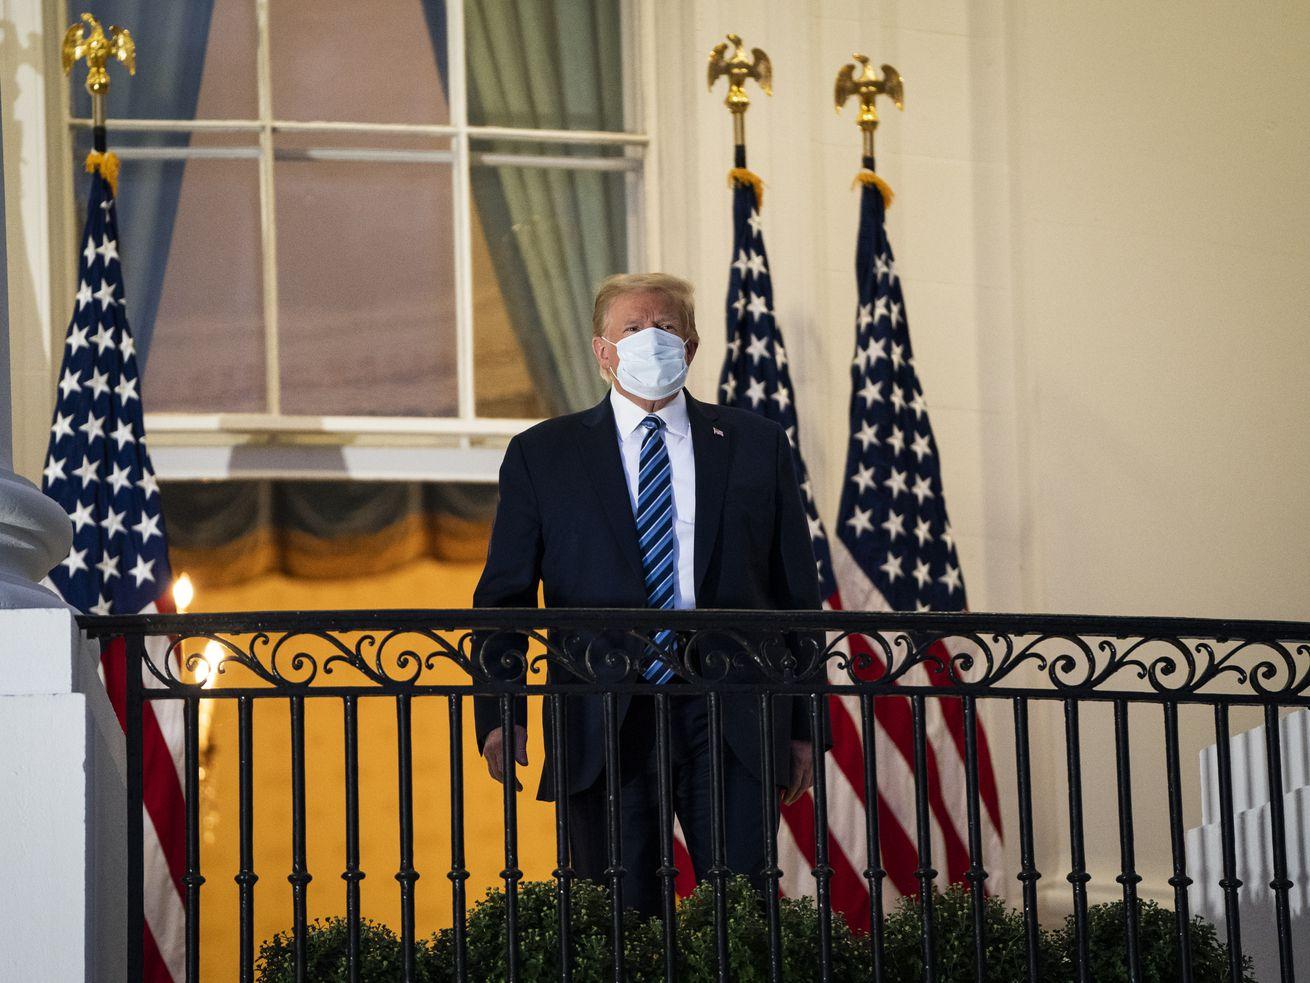 Le président Donald Trump debout sur un balcon de la Maison Blanche portant un masque facial